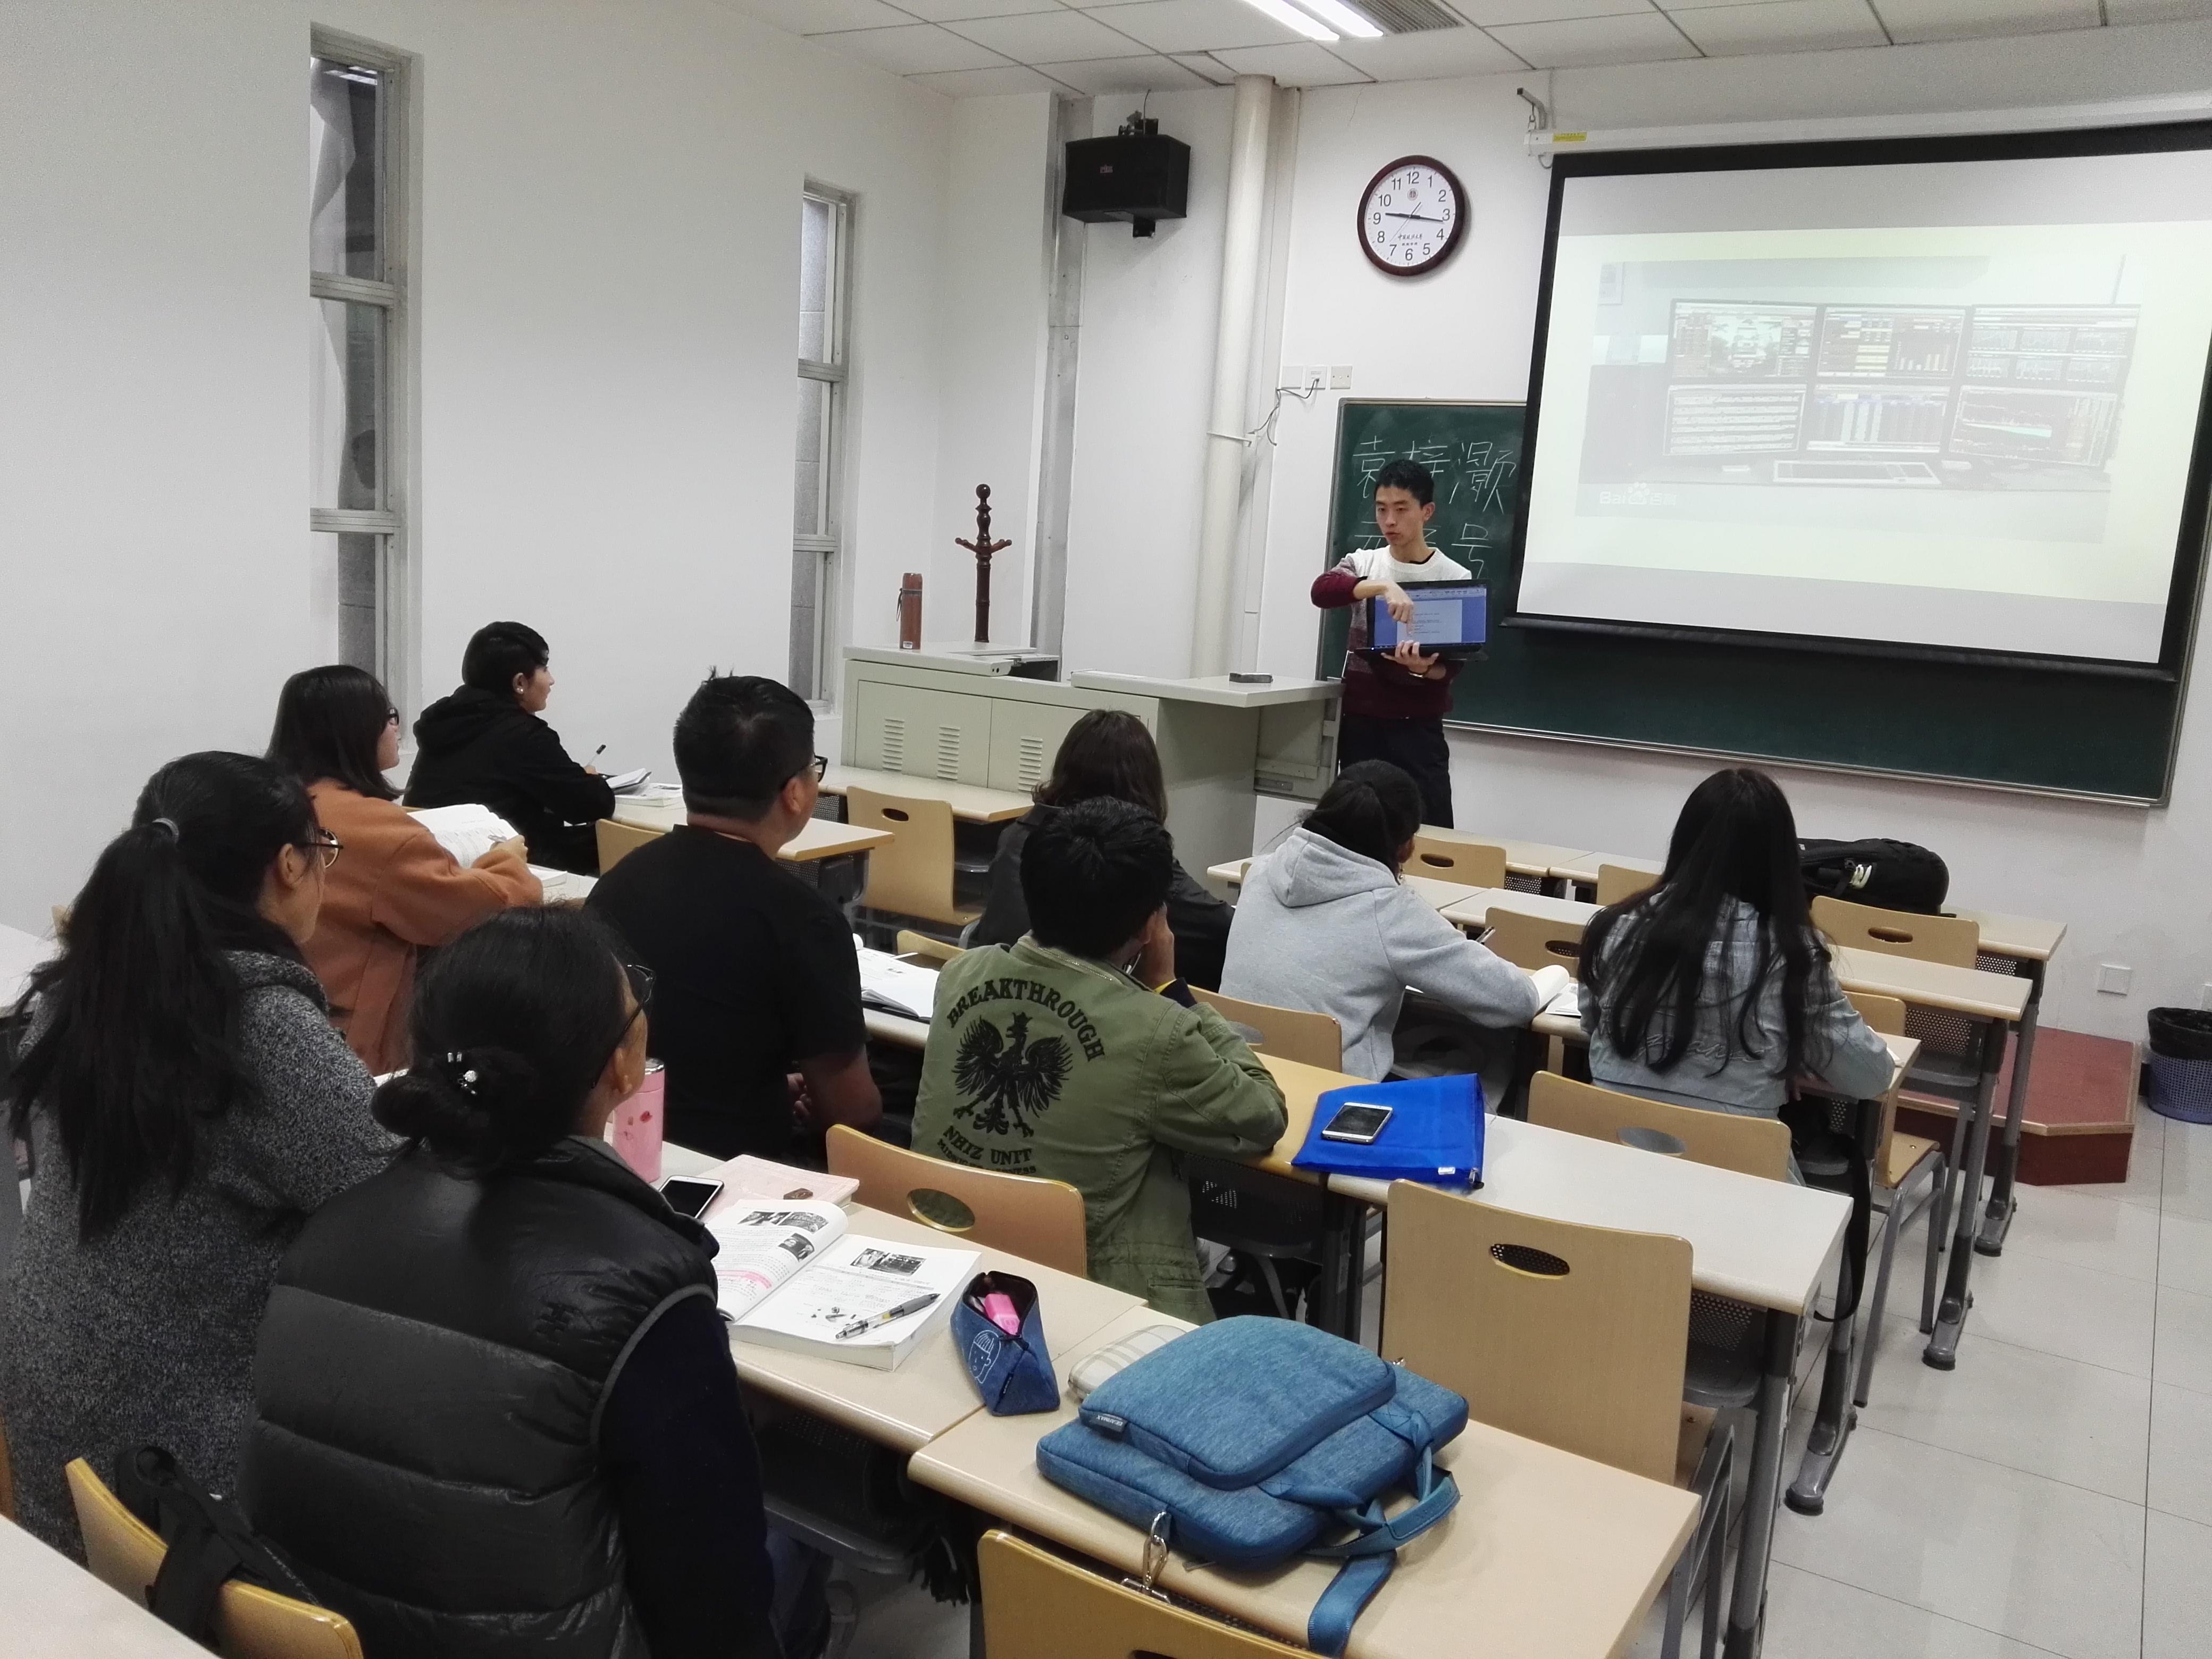 11月的第二个周末,137名新疆、西藏籍少数民族学生还在教室里认真上课,给他们上课的是高年级的学生教员,这是正在进行的第六期的添翼工程周末补习班的第四次课,他们要一直这样补课到考试前一周周末。  (学生教员为同学们进行补课) 添翼工程旨在提高少数民族学生的学习能力、学习水平和综合素质,专门招聘了学习成绩优异的高年级学生为他们免费辅导课程,帮助他们掌握所学知识、提高学习成绩并缩小与其他学生的差距。添翼工程受到了学校领导的高度重视,以高标准、严要求的原则开展各项工作,保证每一个参与学习的学生都能